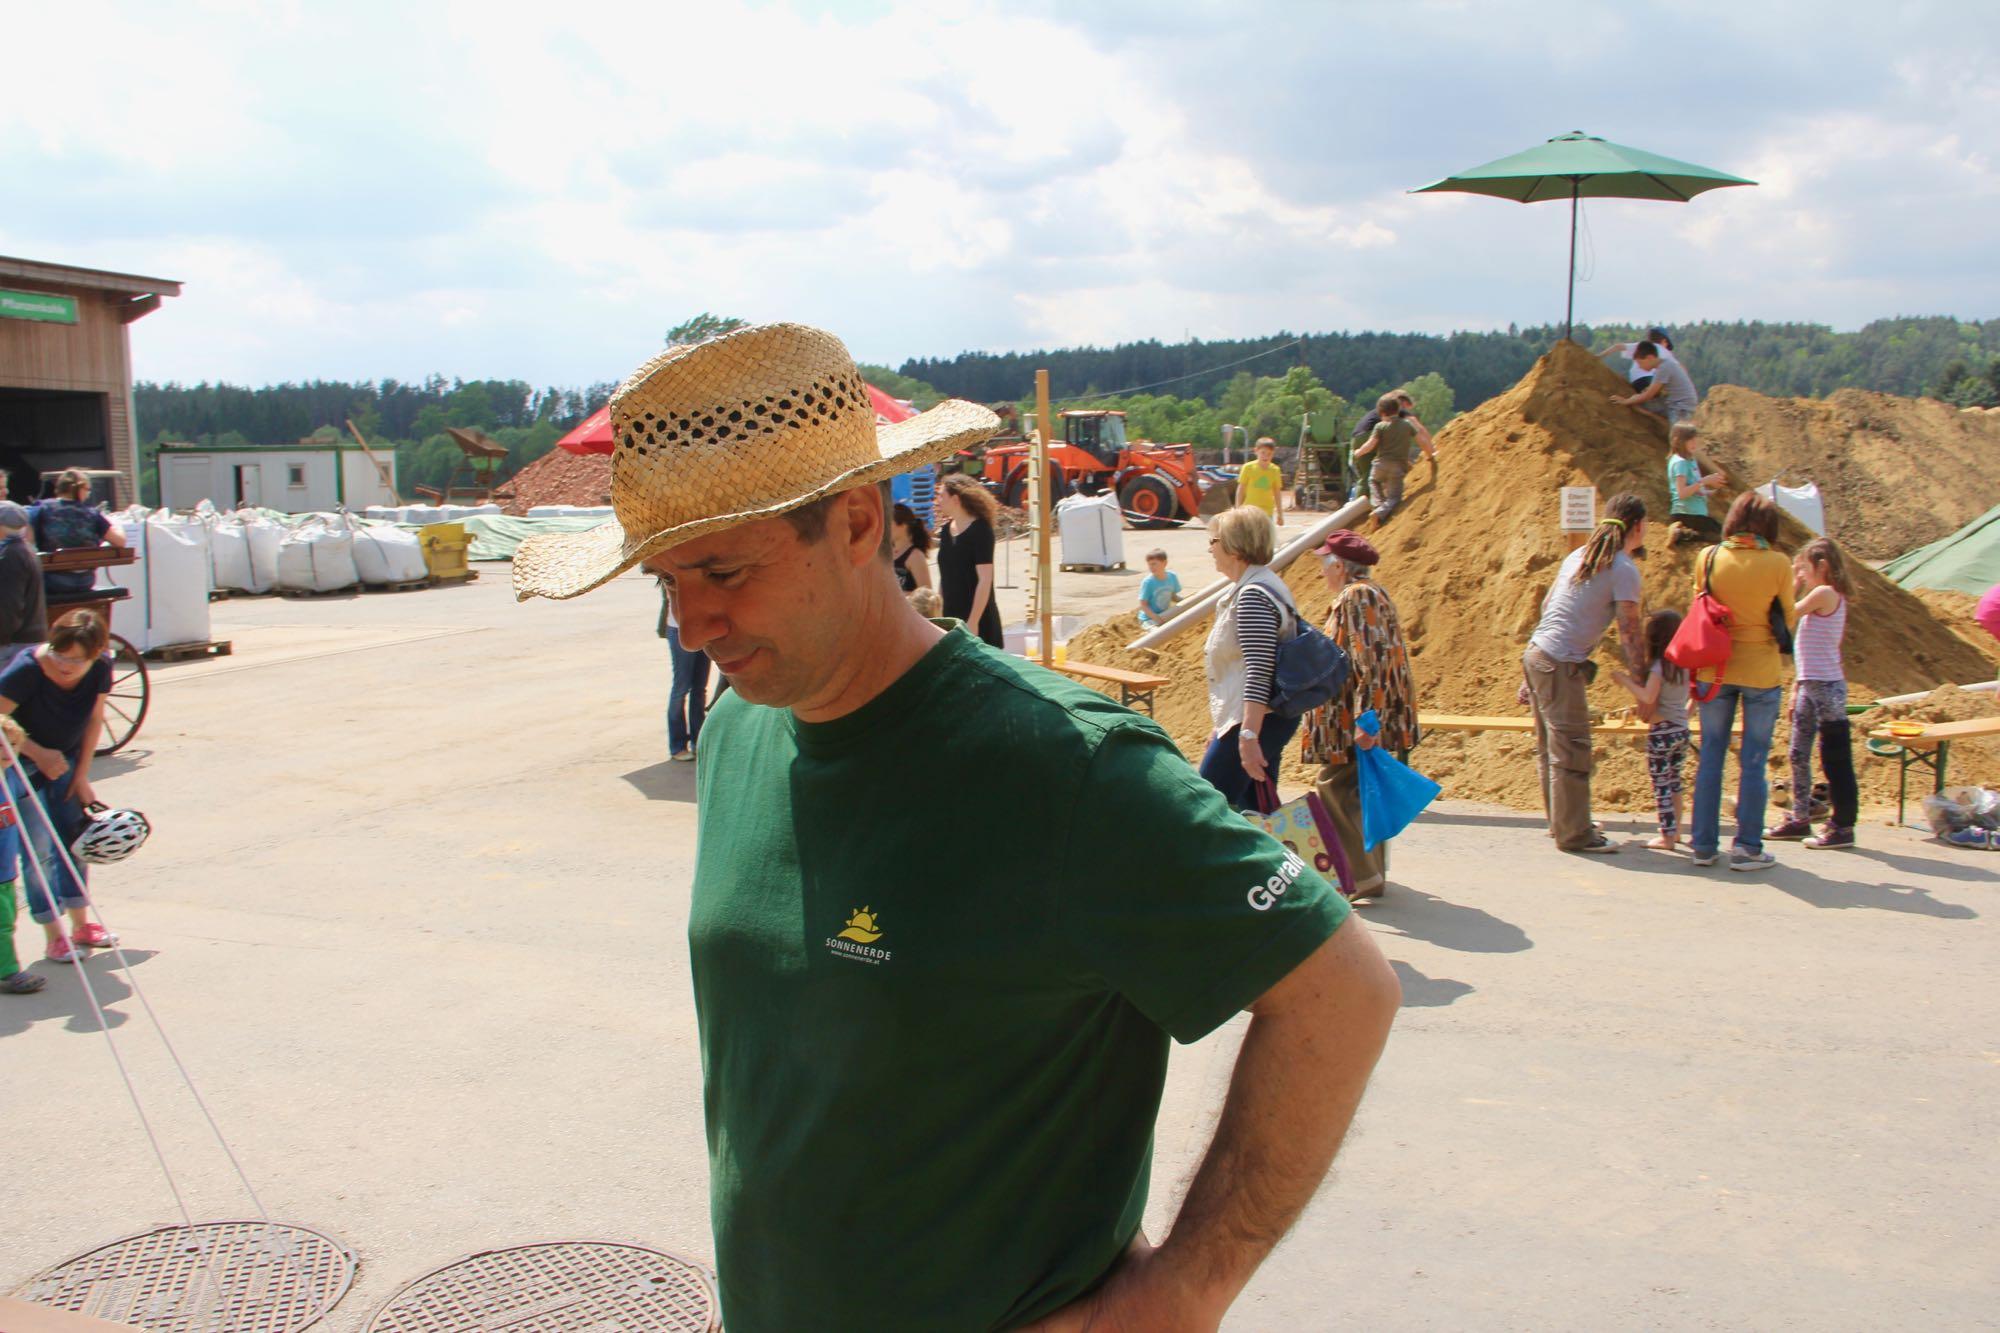 Gerald Dunst mit Hut vor dem Riesen-Sandhaufen mit spielenden Kindern